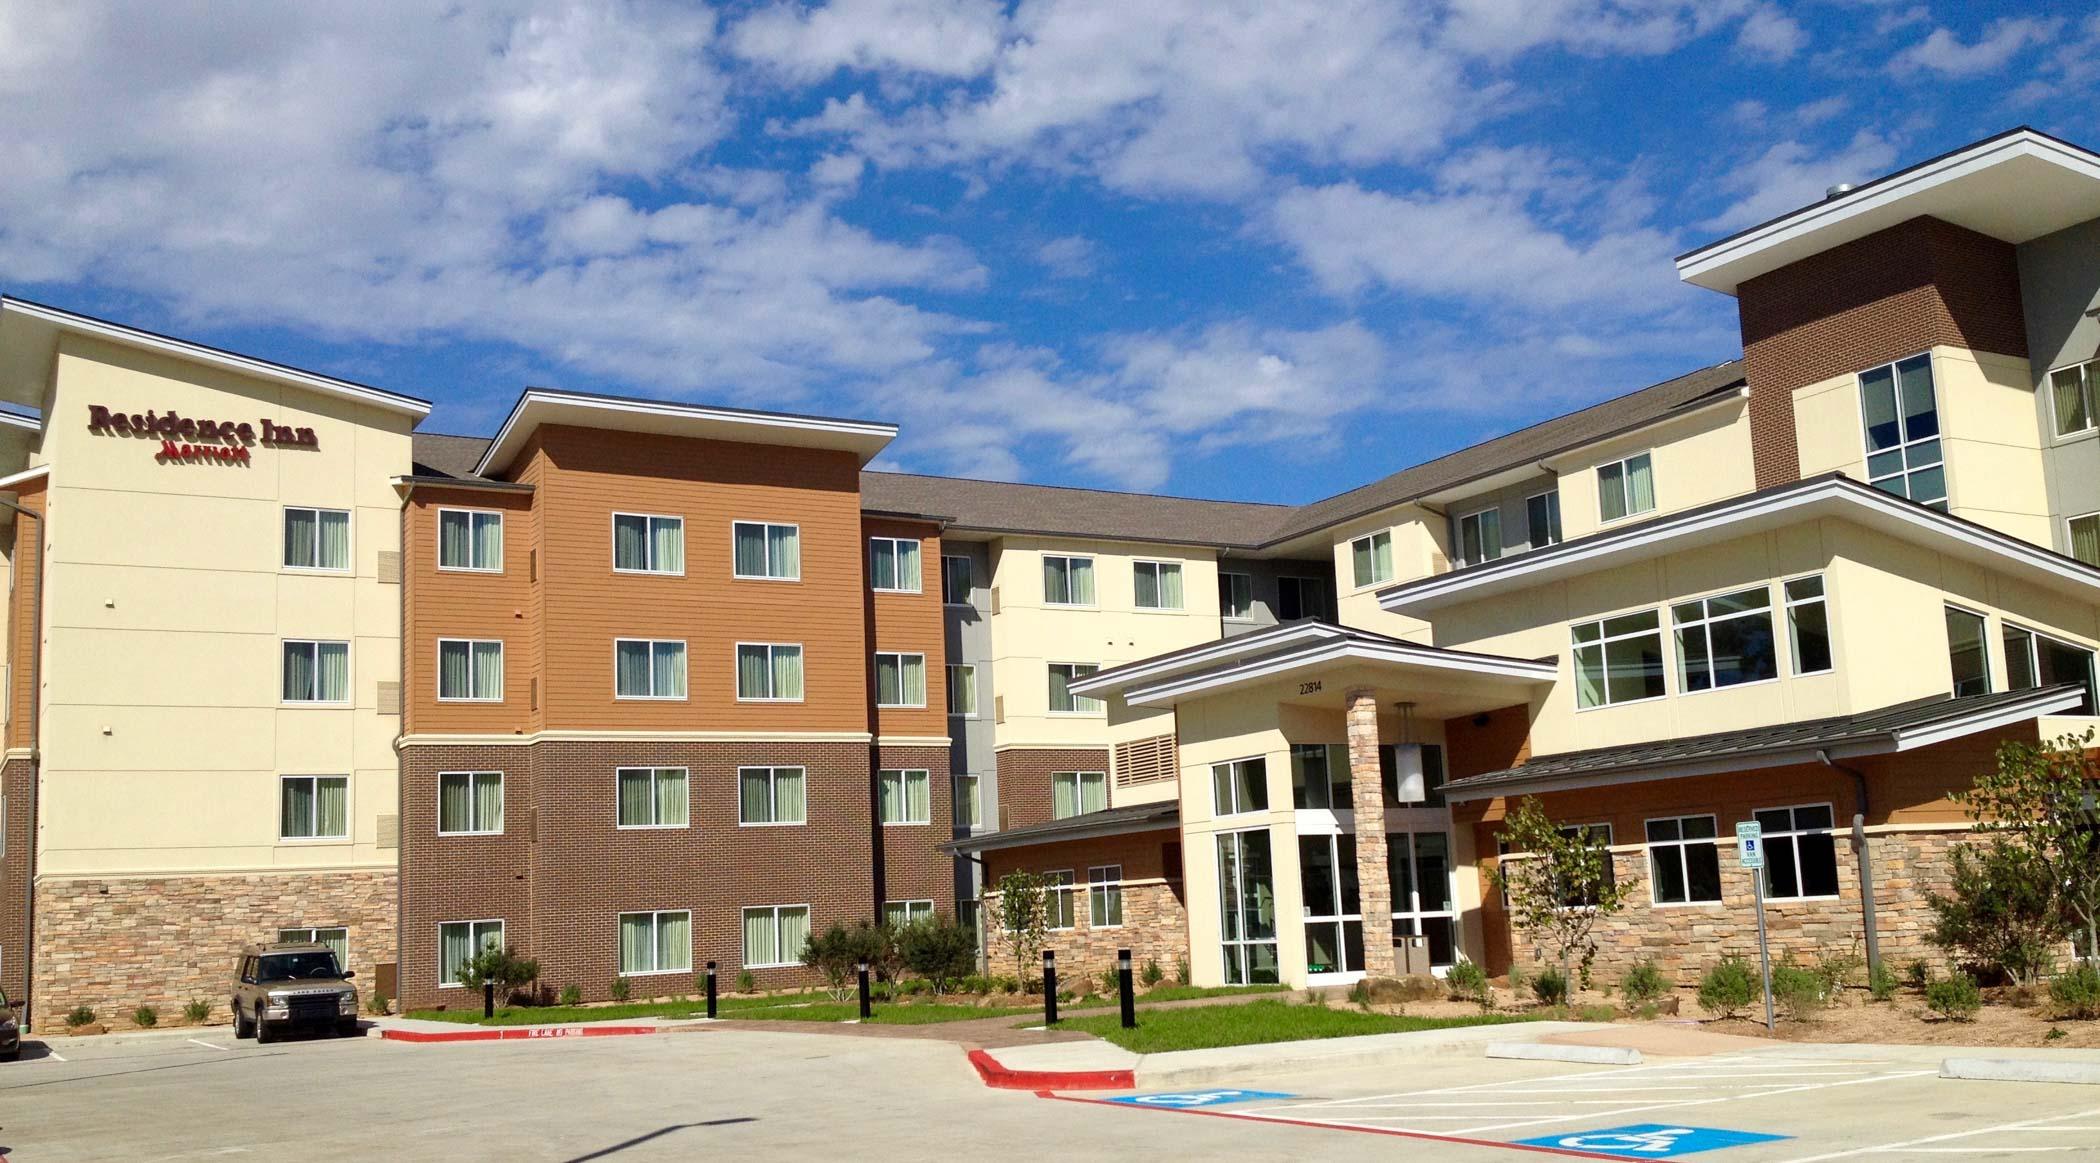 Residence Inn Spring, TX